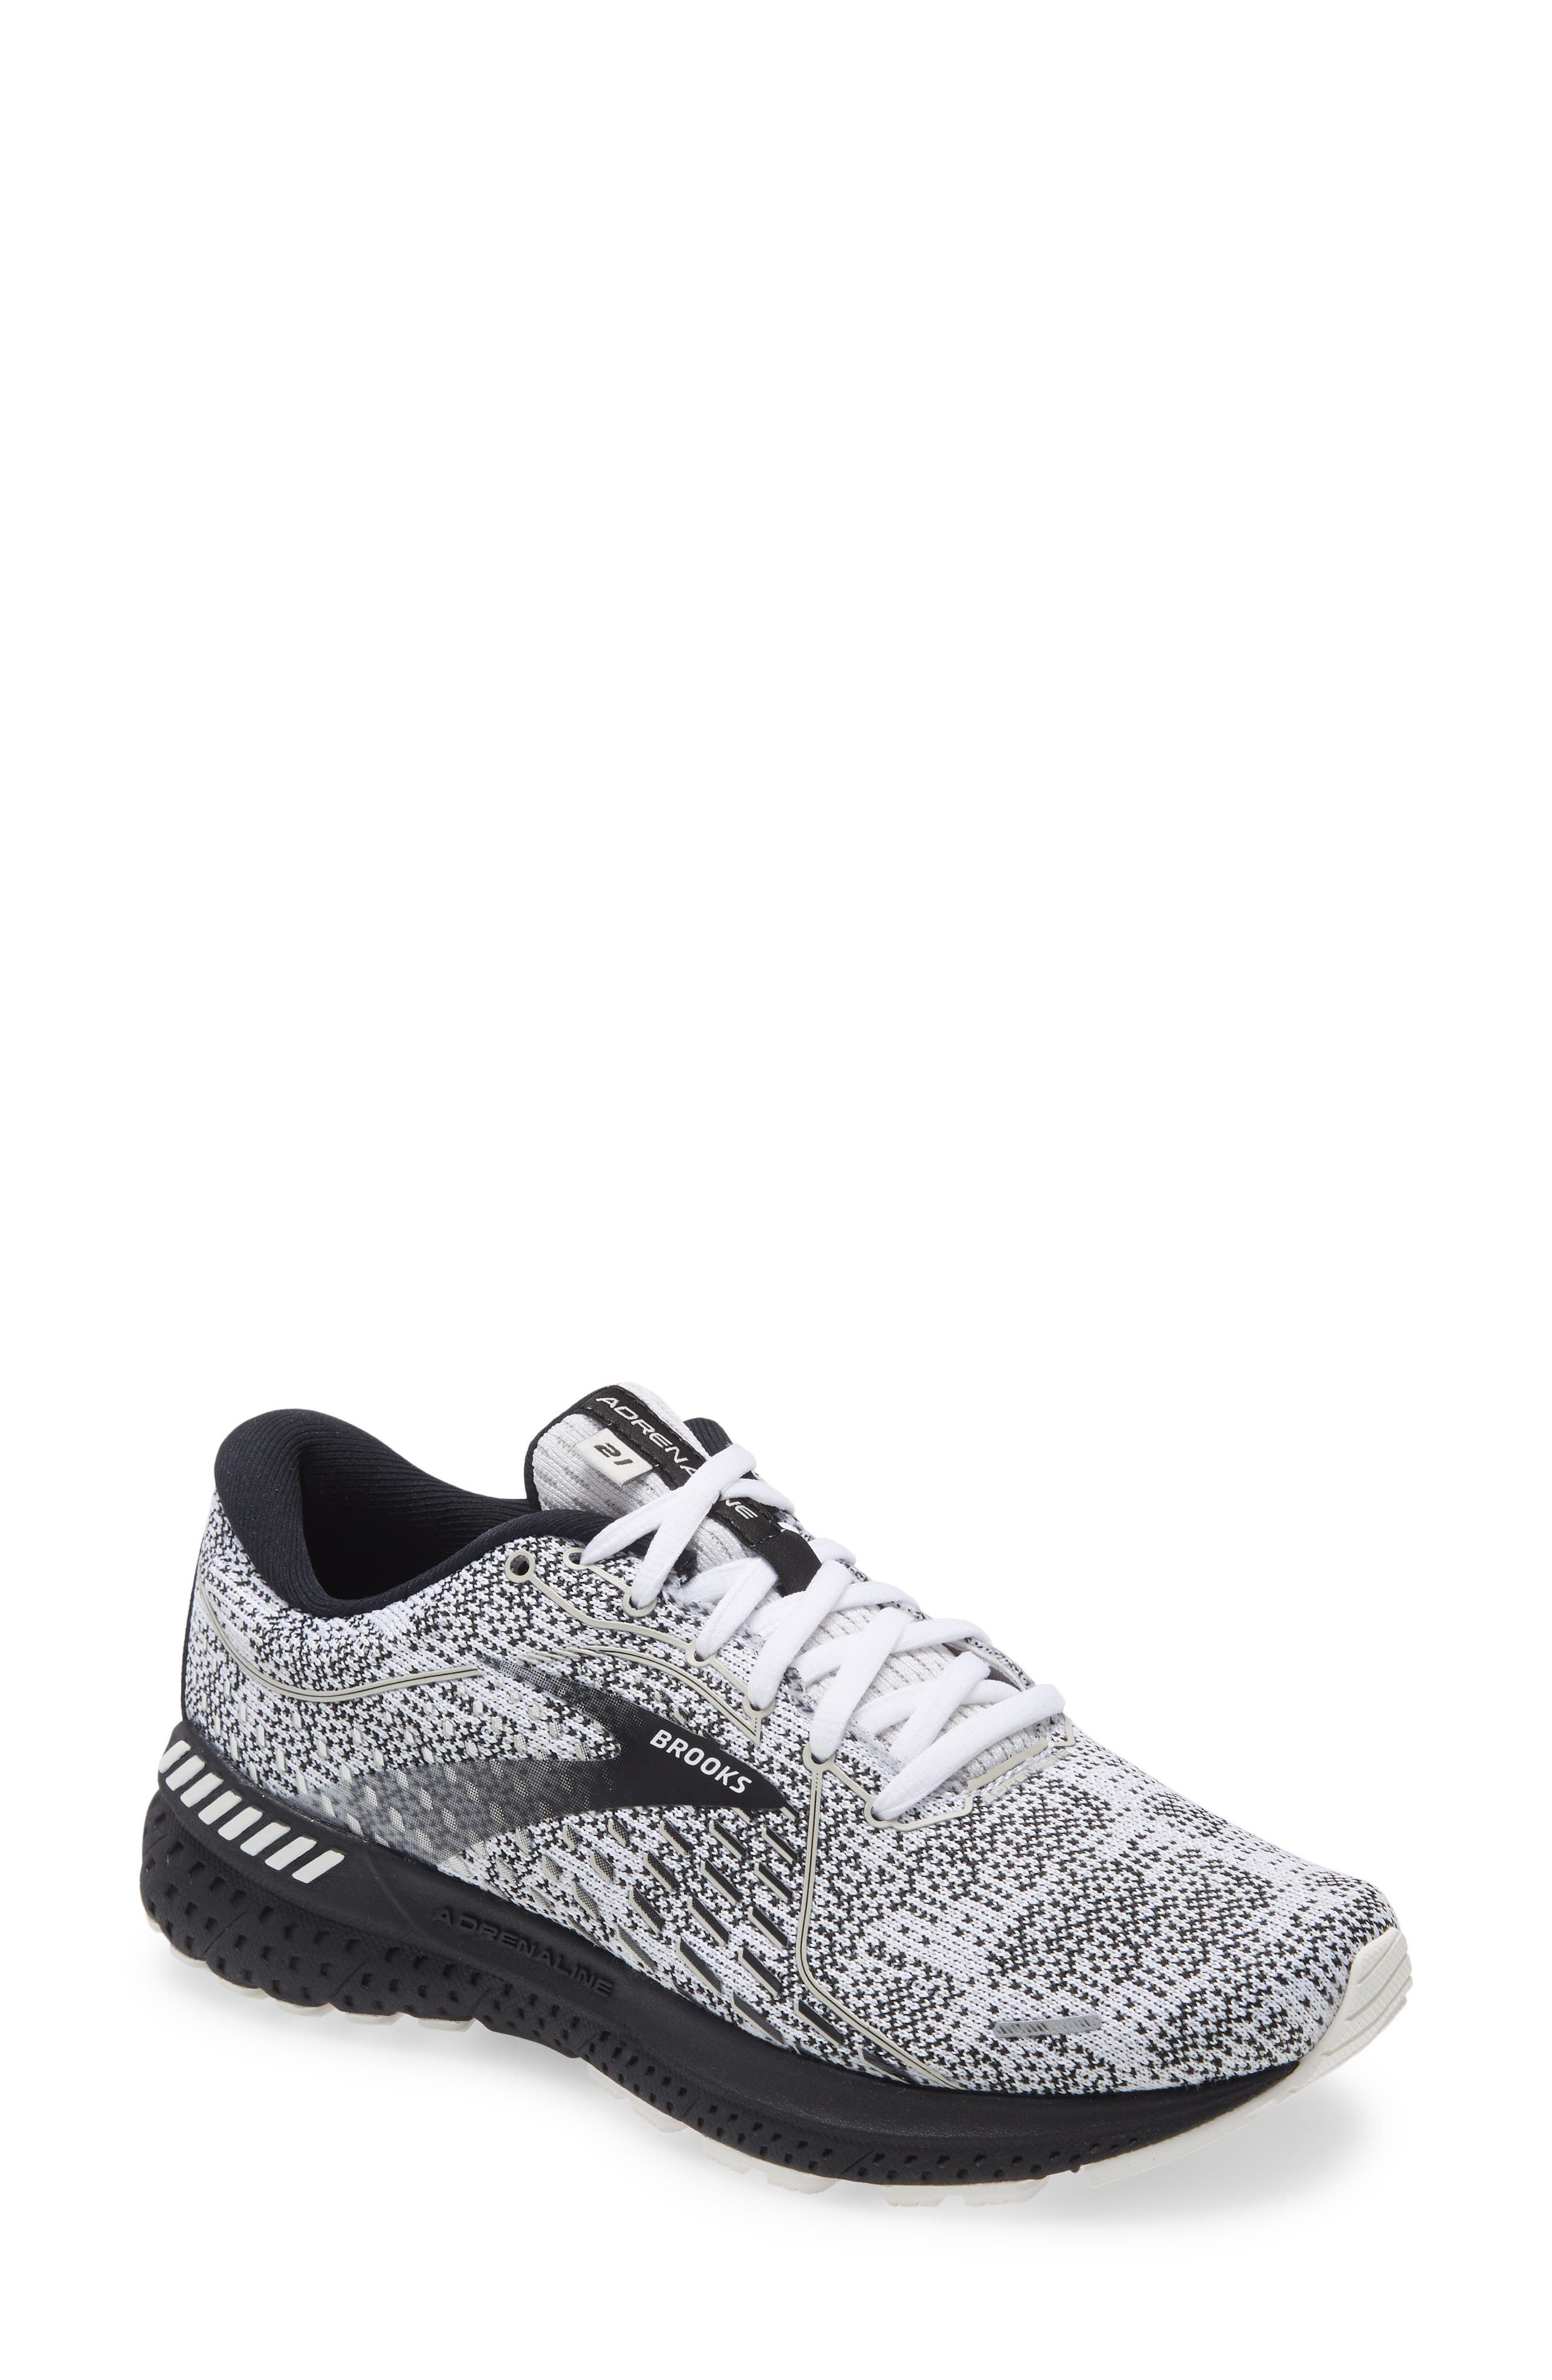 Adrenaline Gts 21 Running Shoe